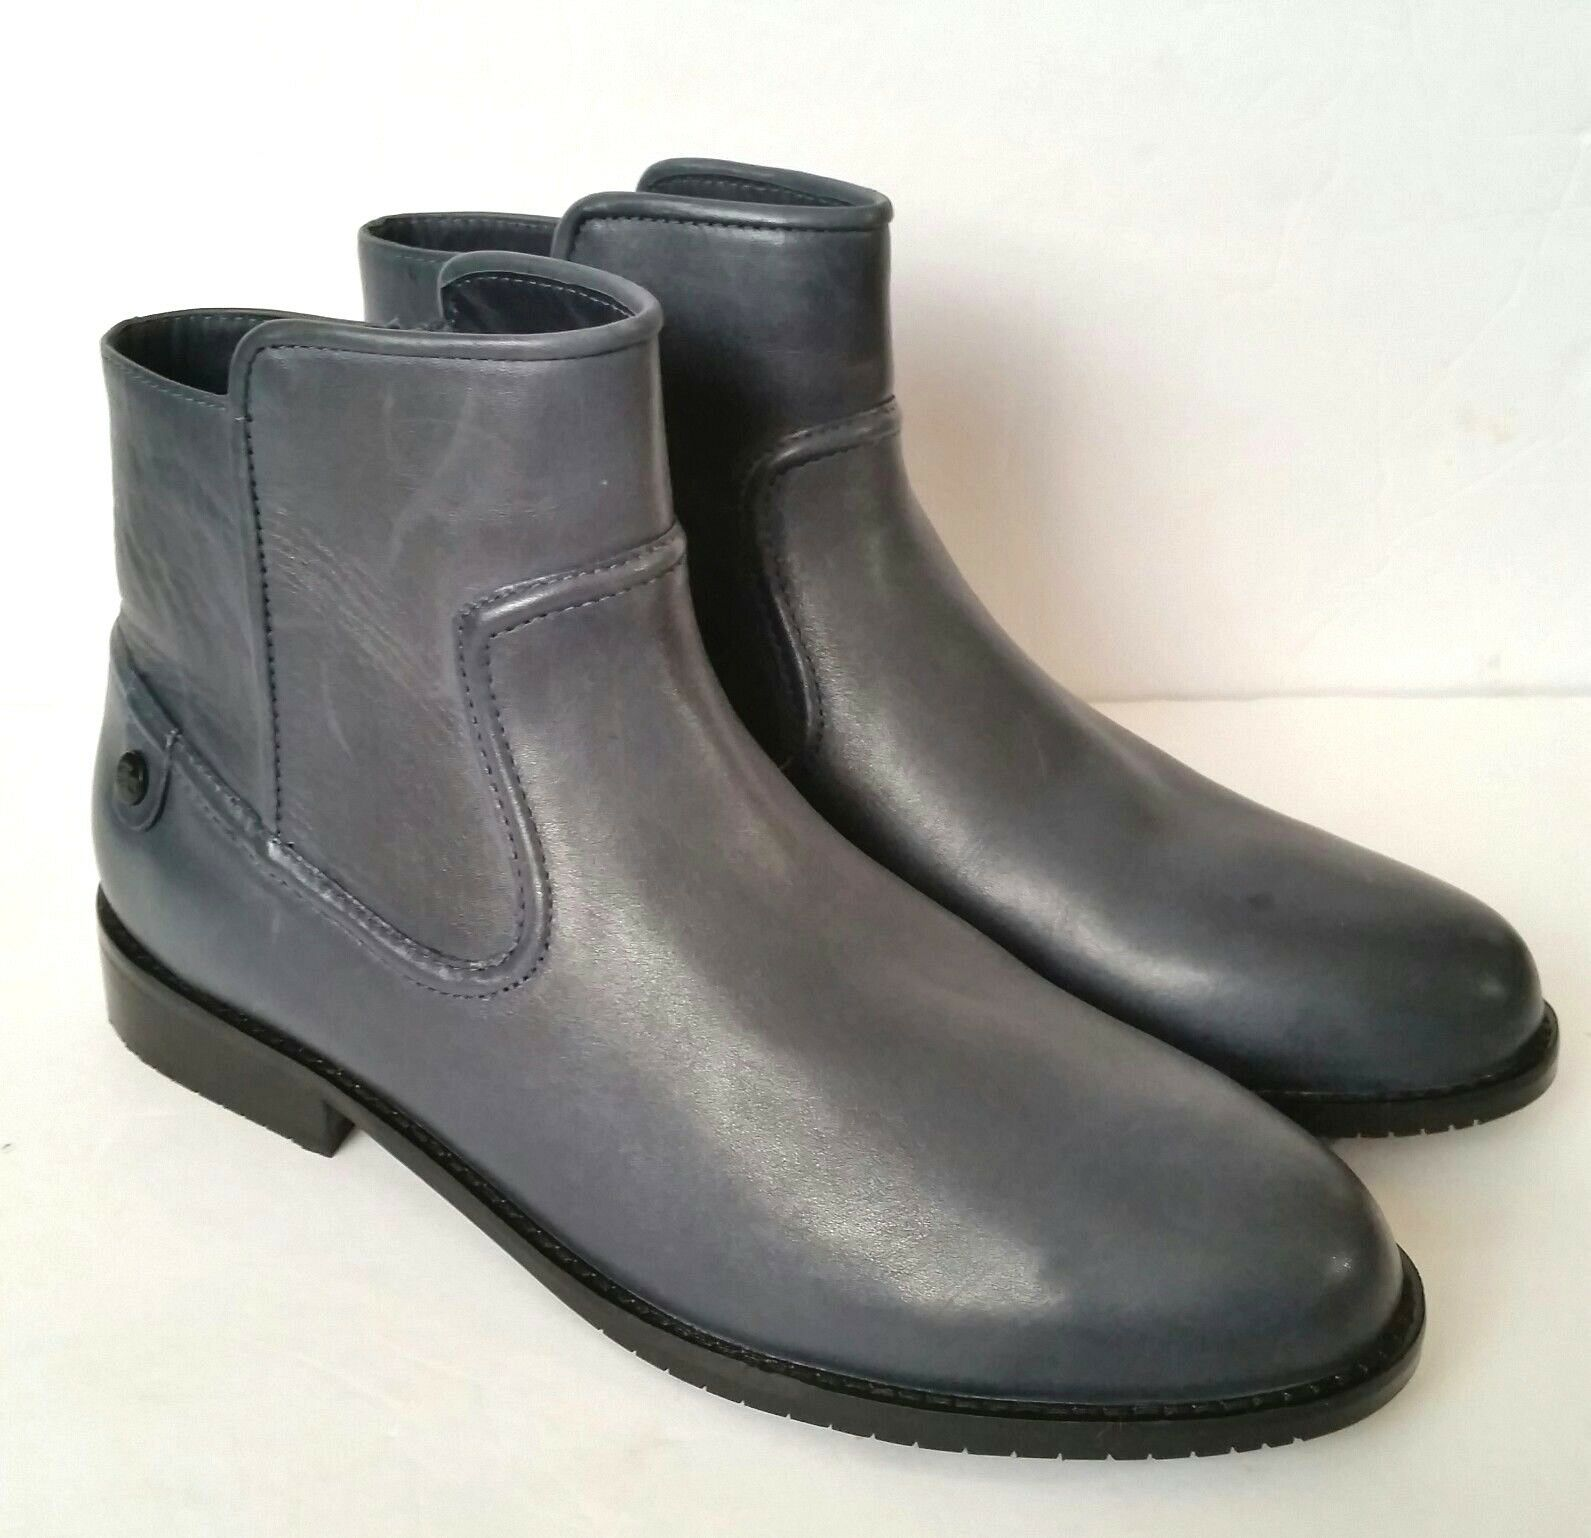 Lacoste rosolinn Marina Cuero Tobillo botas para mujer 8.5 40 Corto Equitación Nuevo